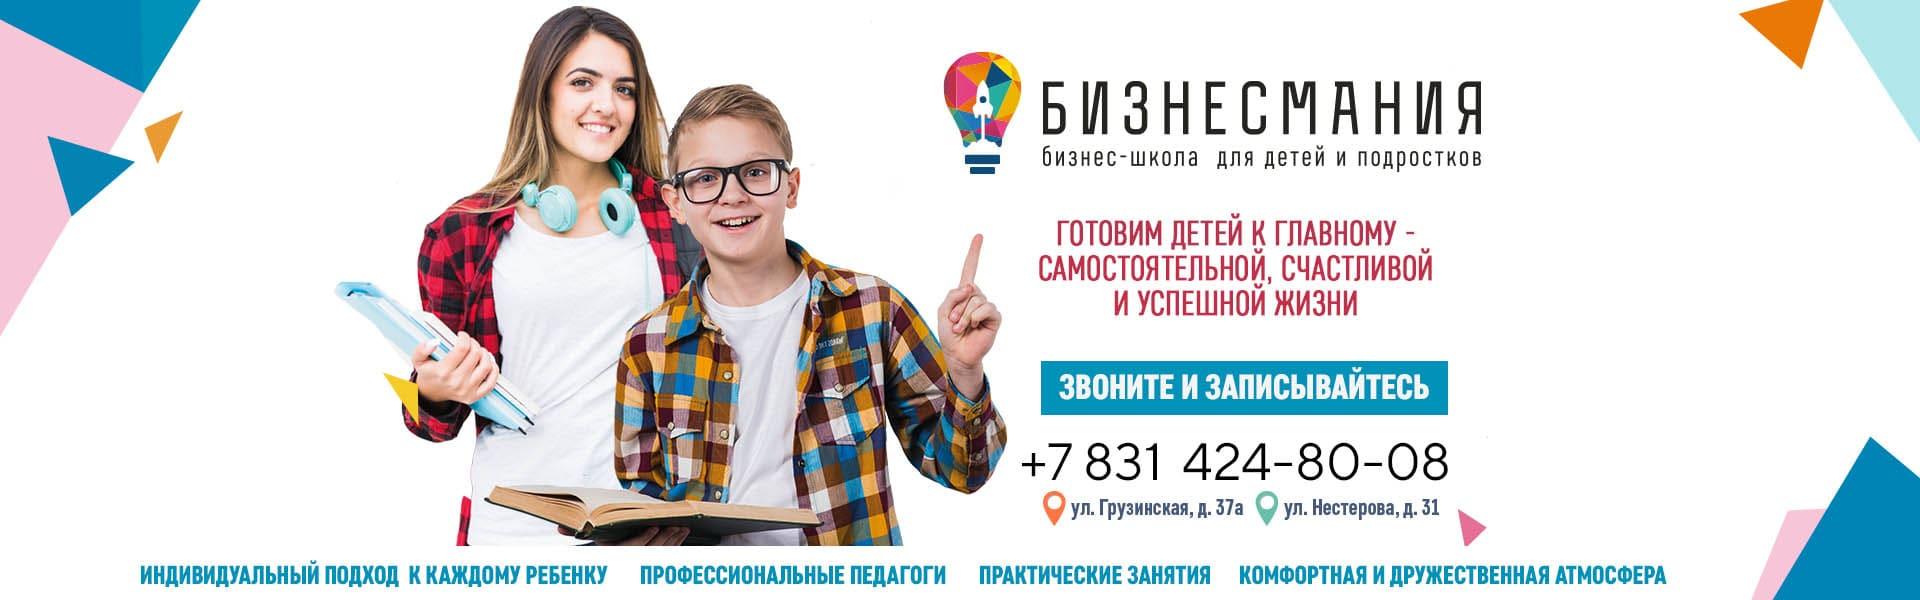 Бизнесмания - бизнес-школа для детей и подростков